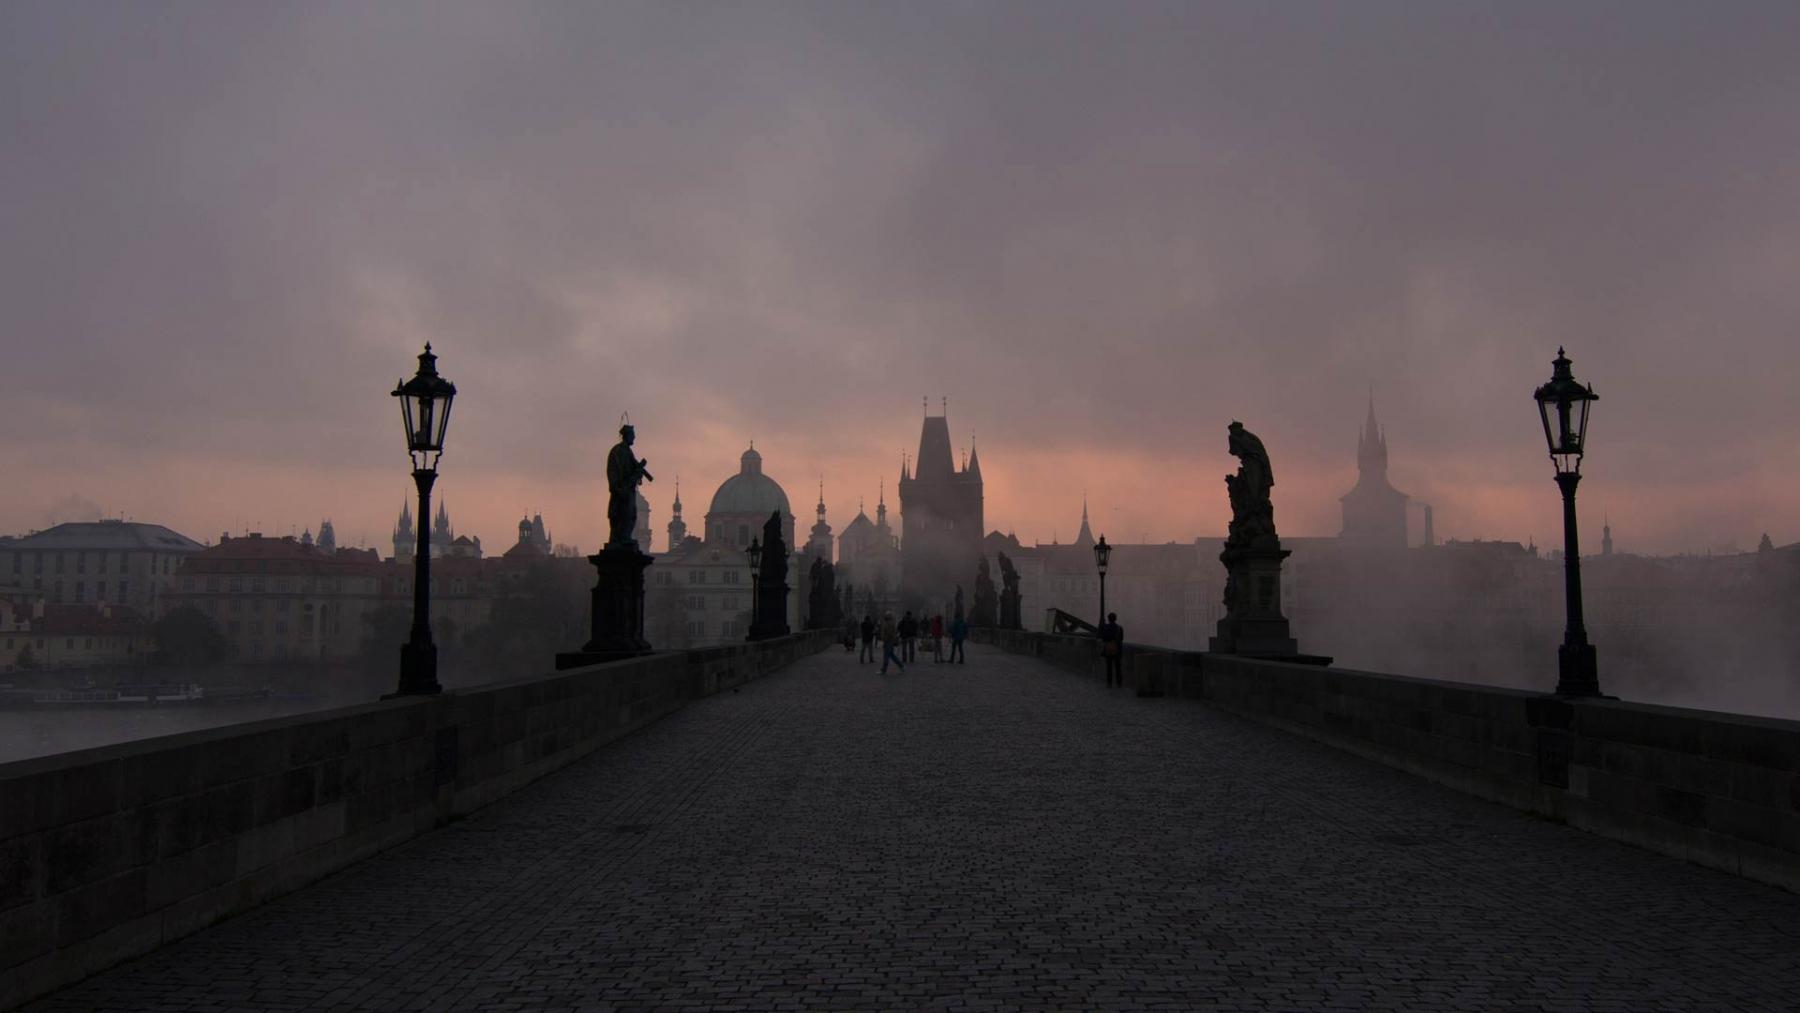 Wir überqueren die Karlsbrücke in Prag